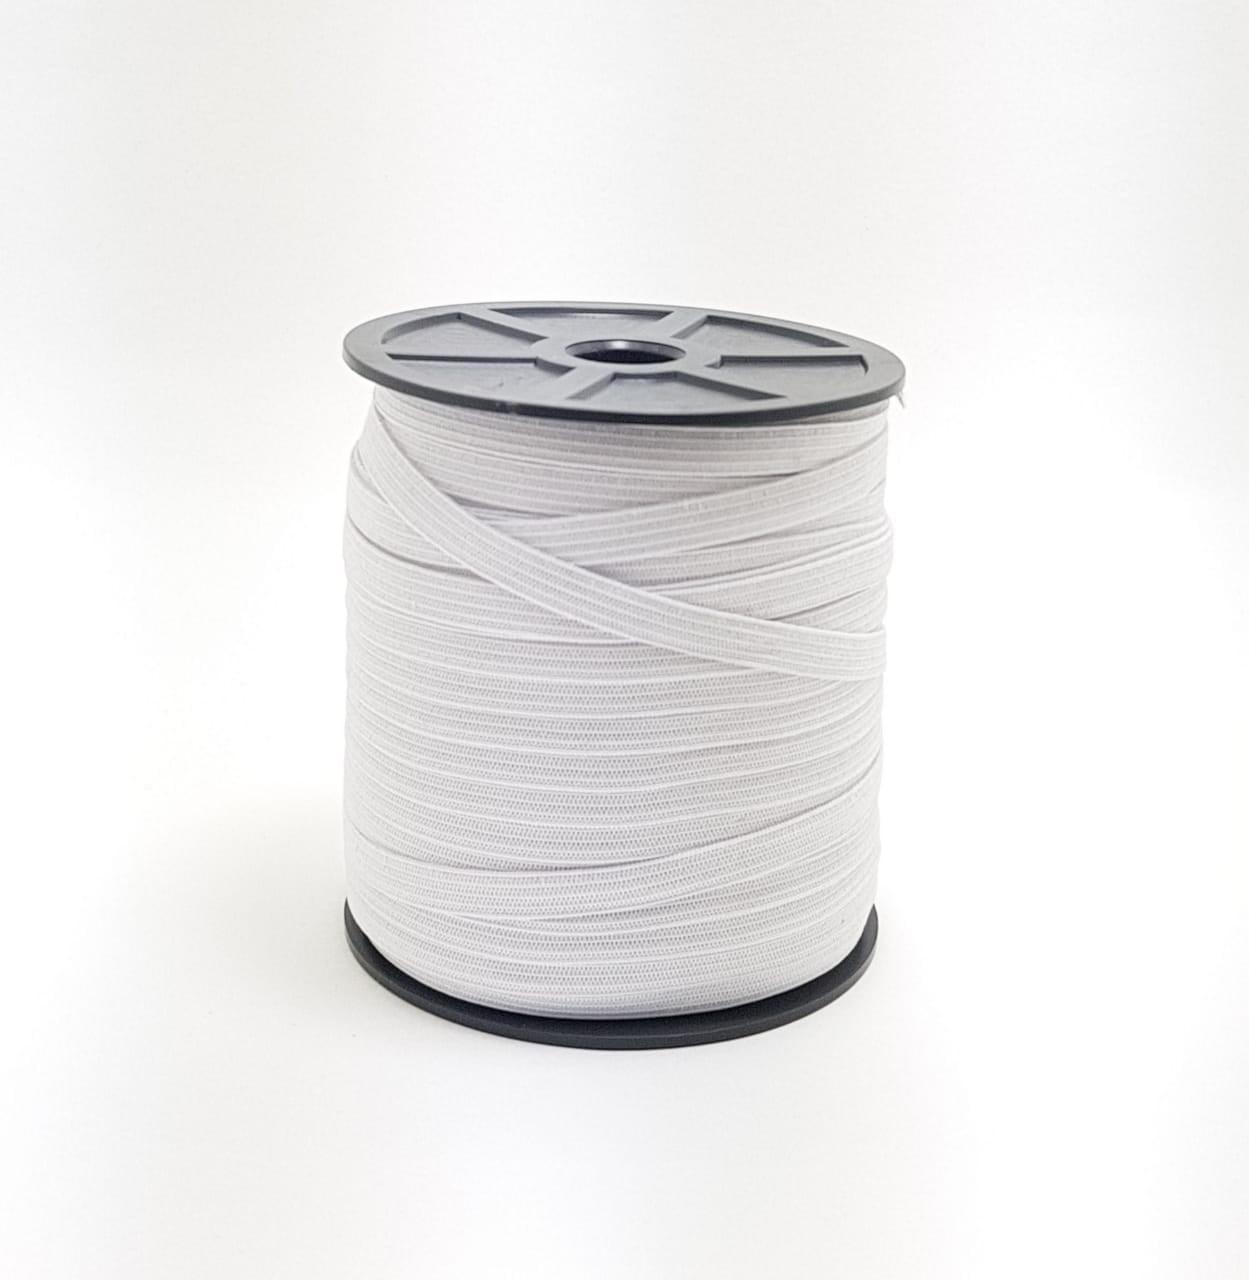 elástico chato 7mm - branco - rolo c/100 metros (cód: 1109)